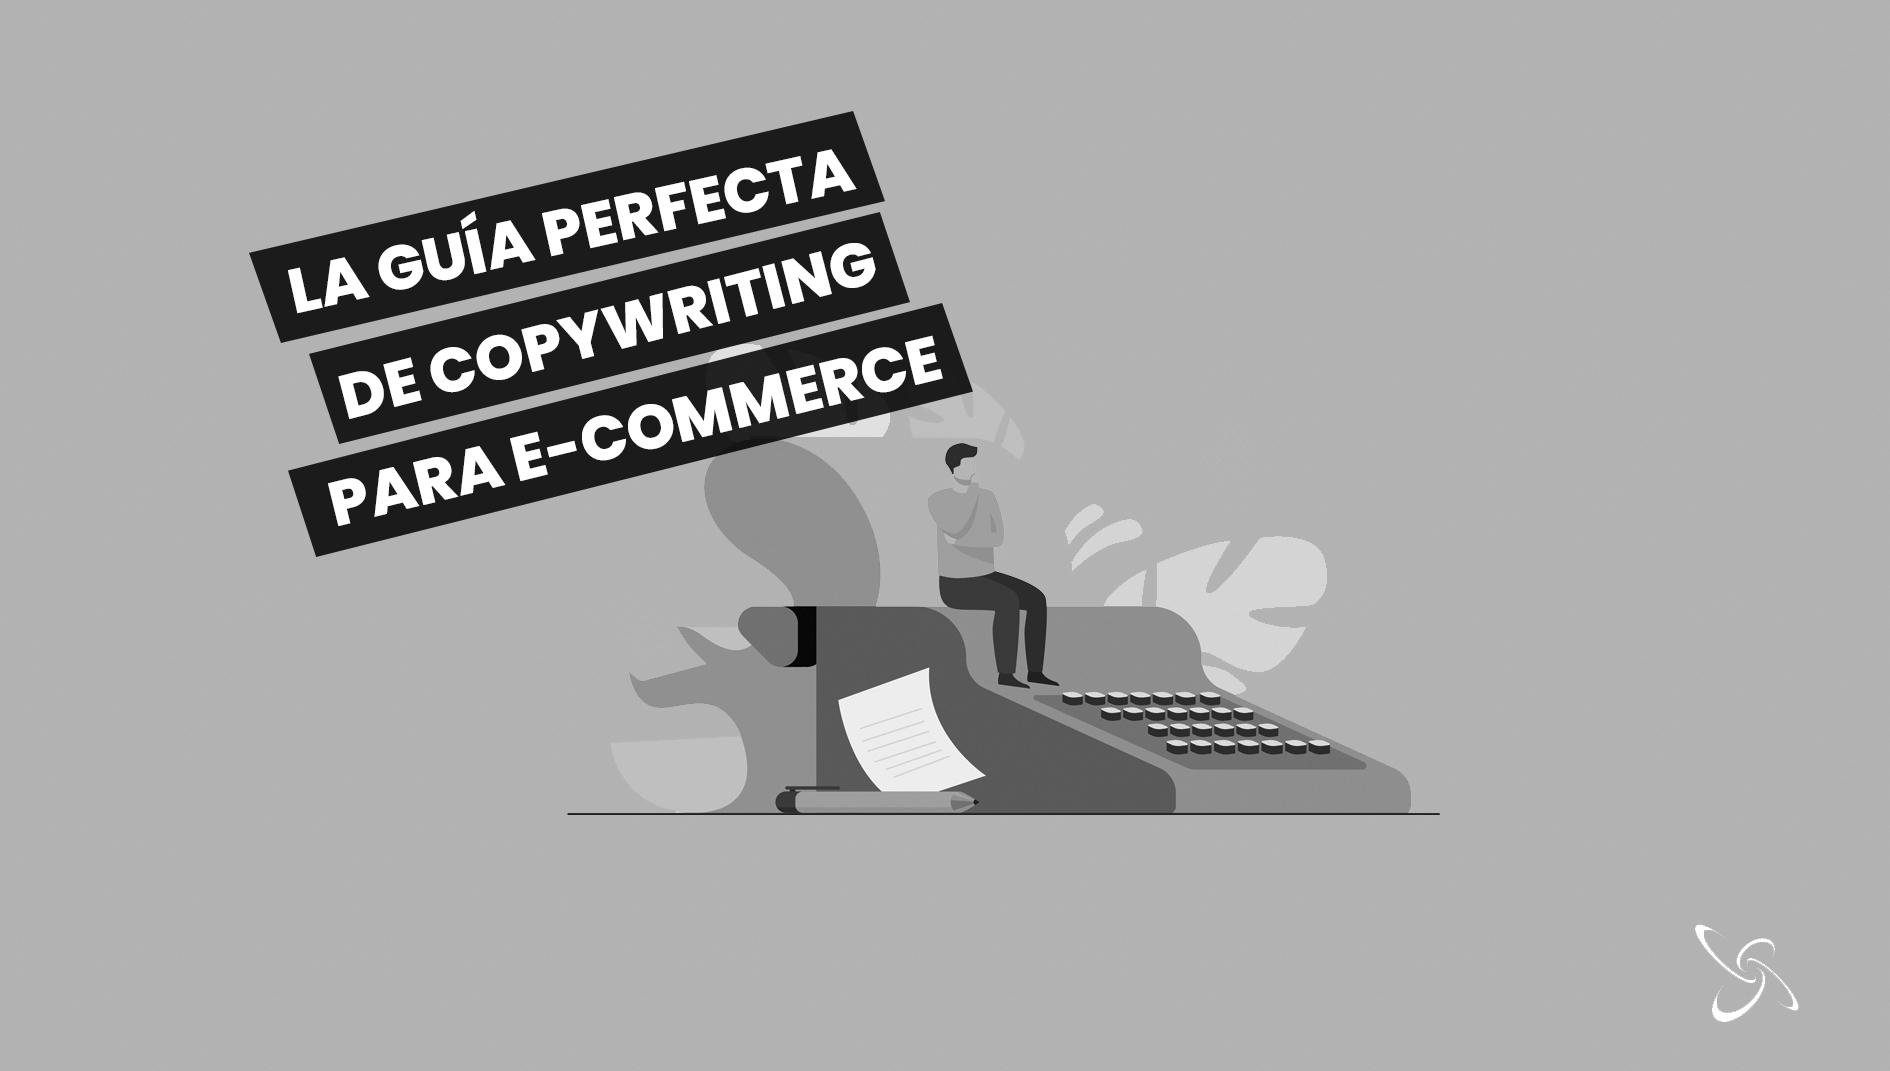 Guía perfecta de copywriting para e-commerce